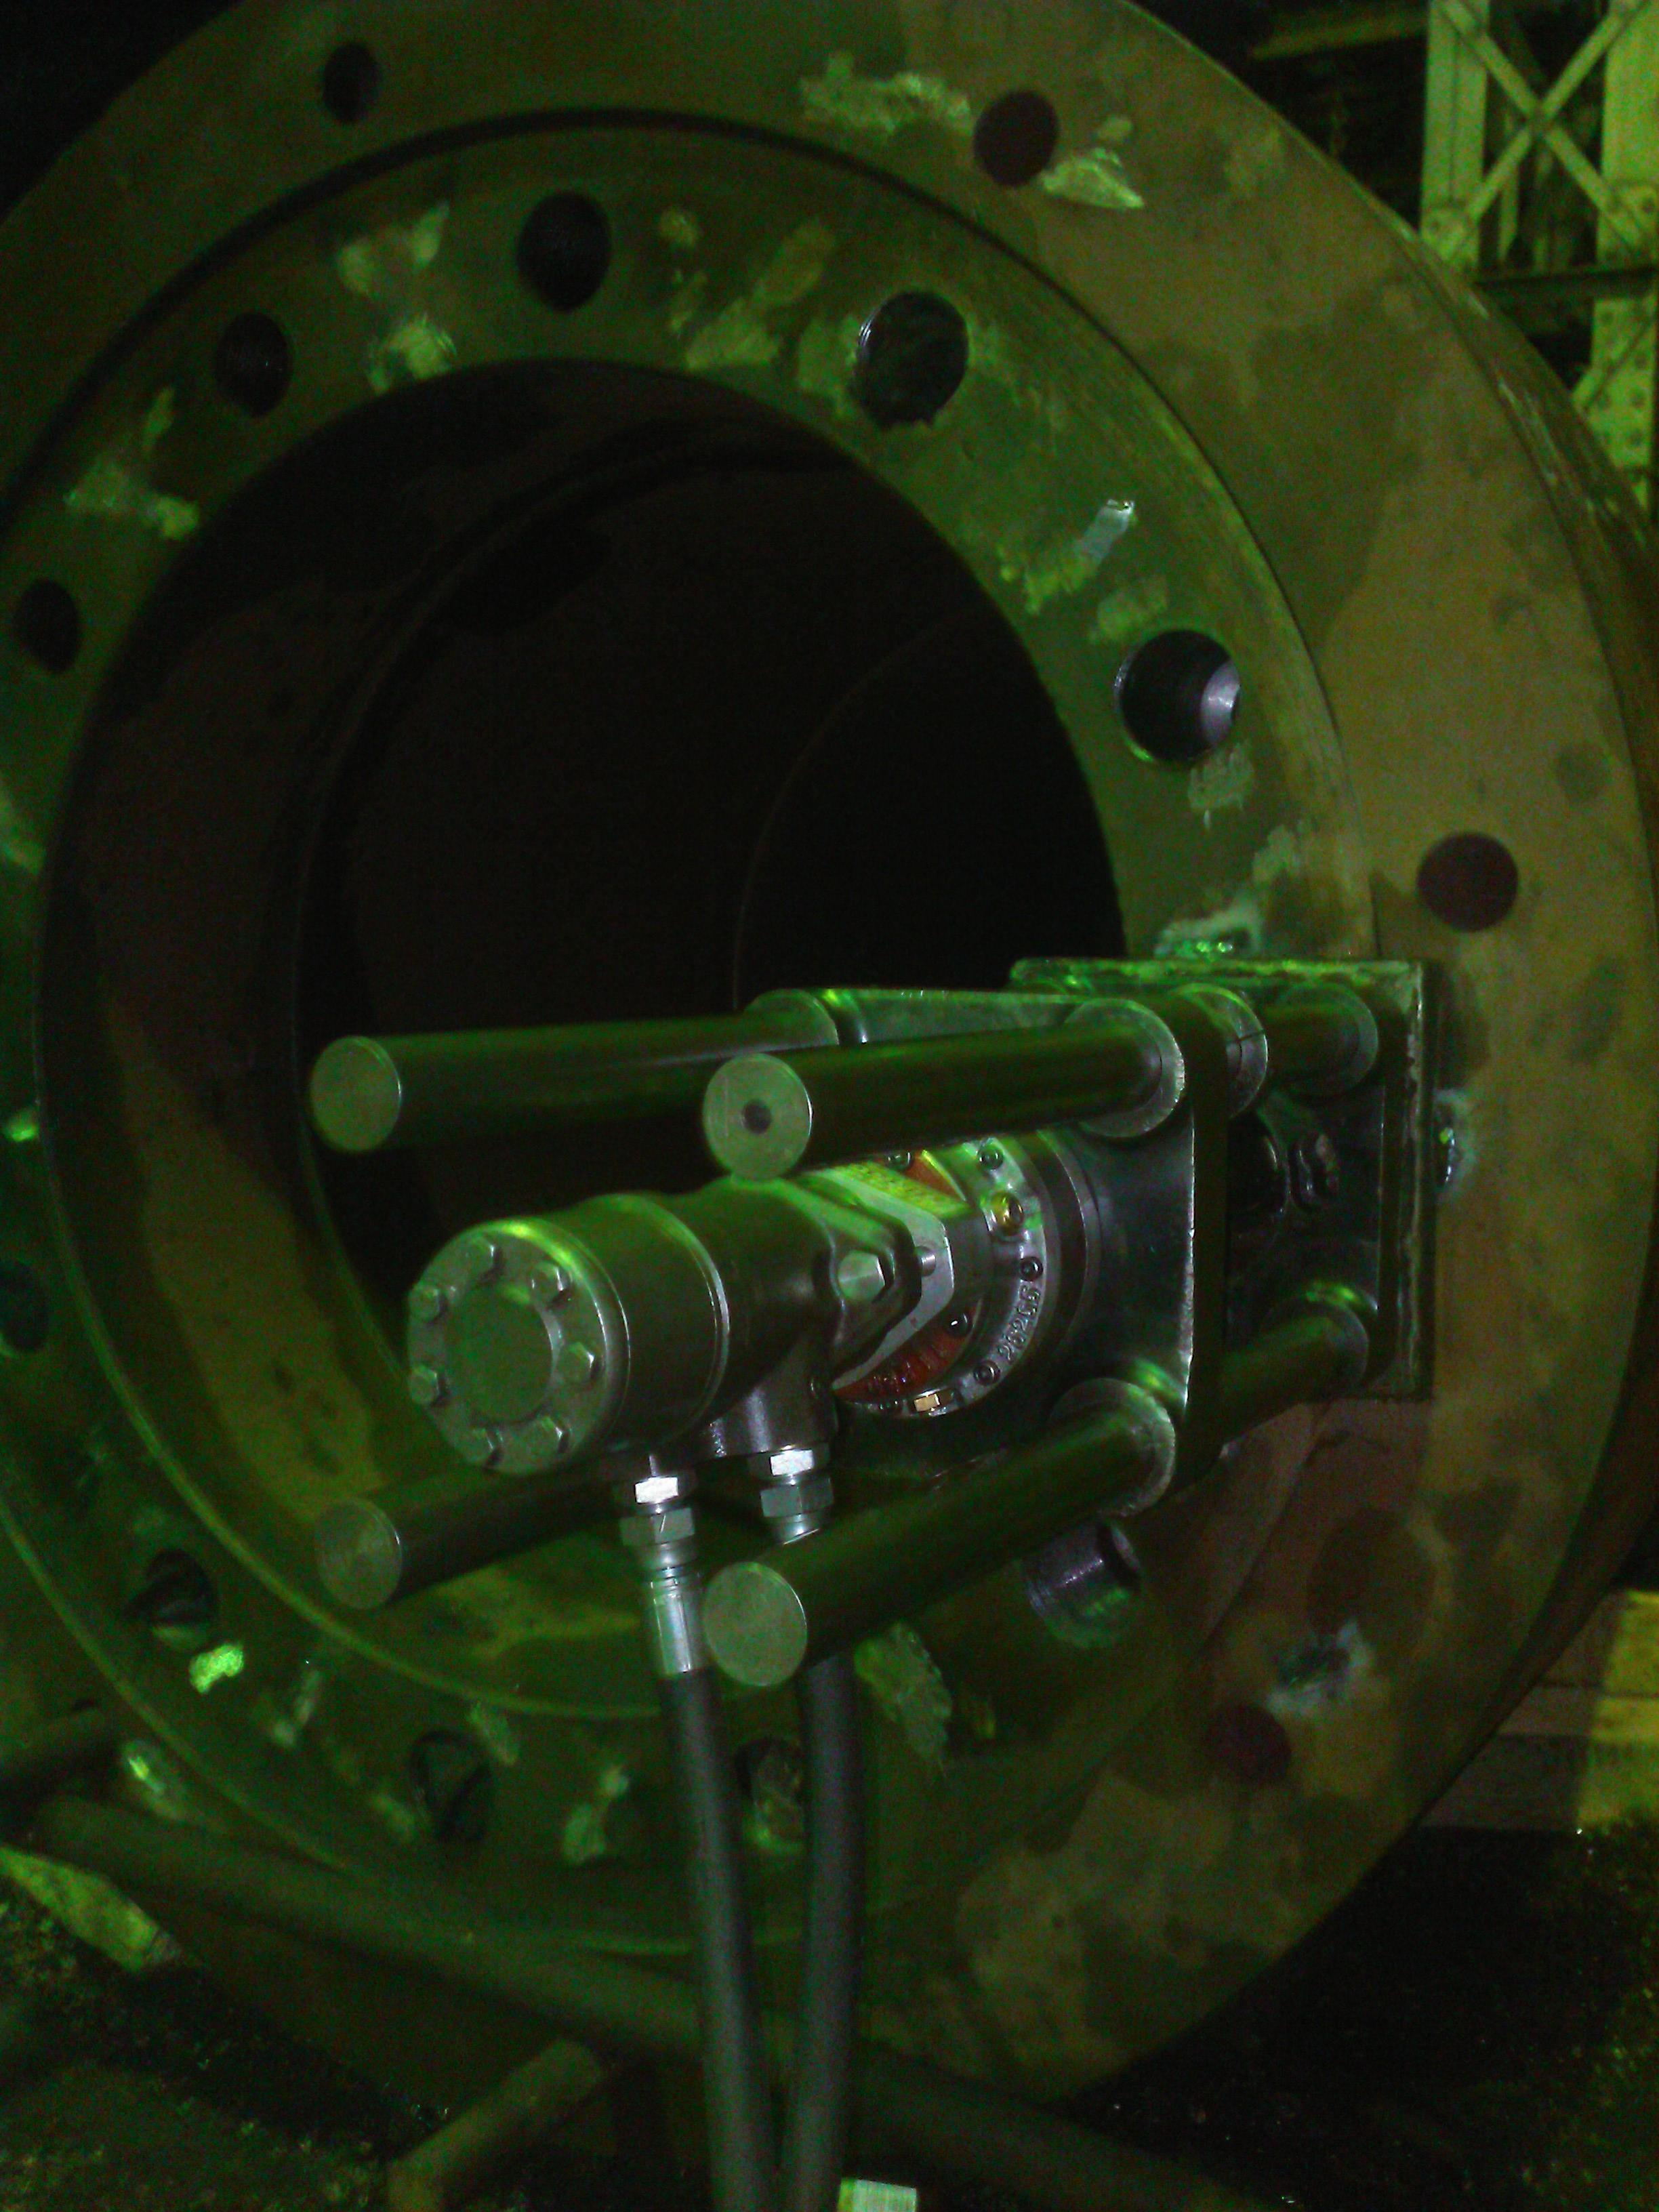 Сверление цилиндрических и изготовление резьбовых отверстий M56х4 в рабочем цилиндре гидравлического ковочного пресса силой 20 МН (Dunkan) мобильным резьбонарезным станком Mirage T-60